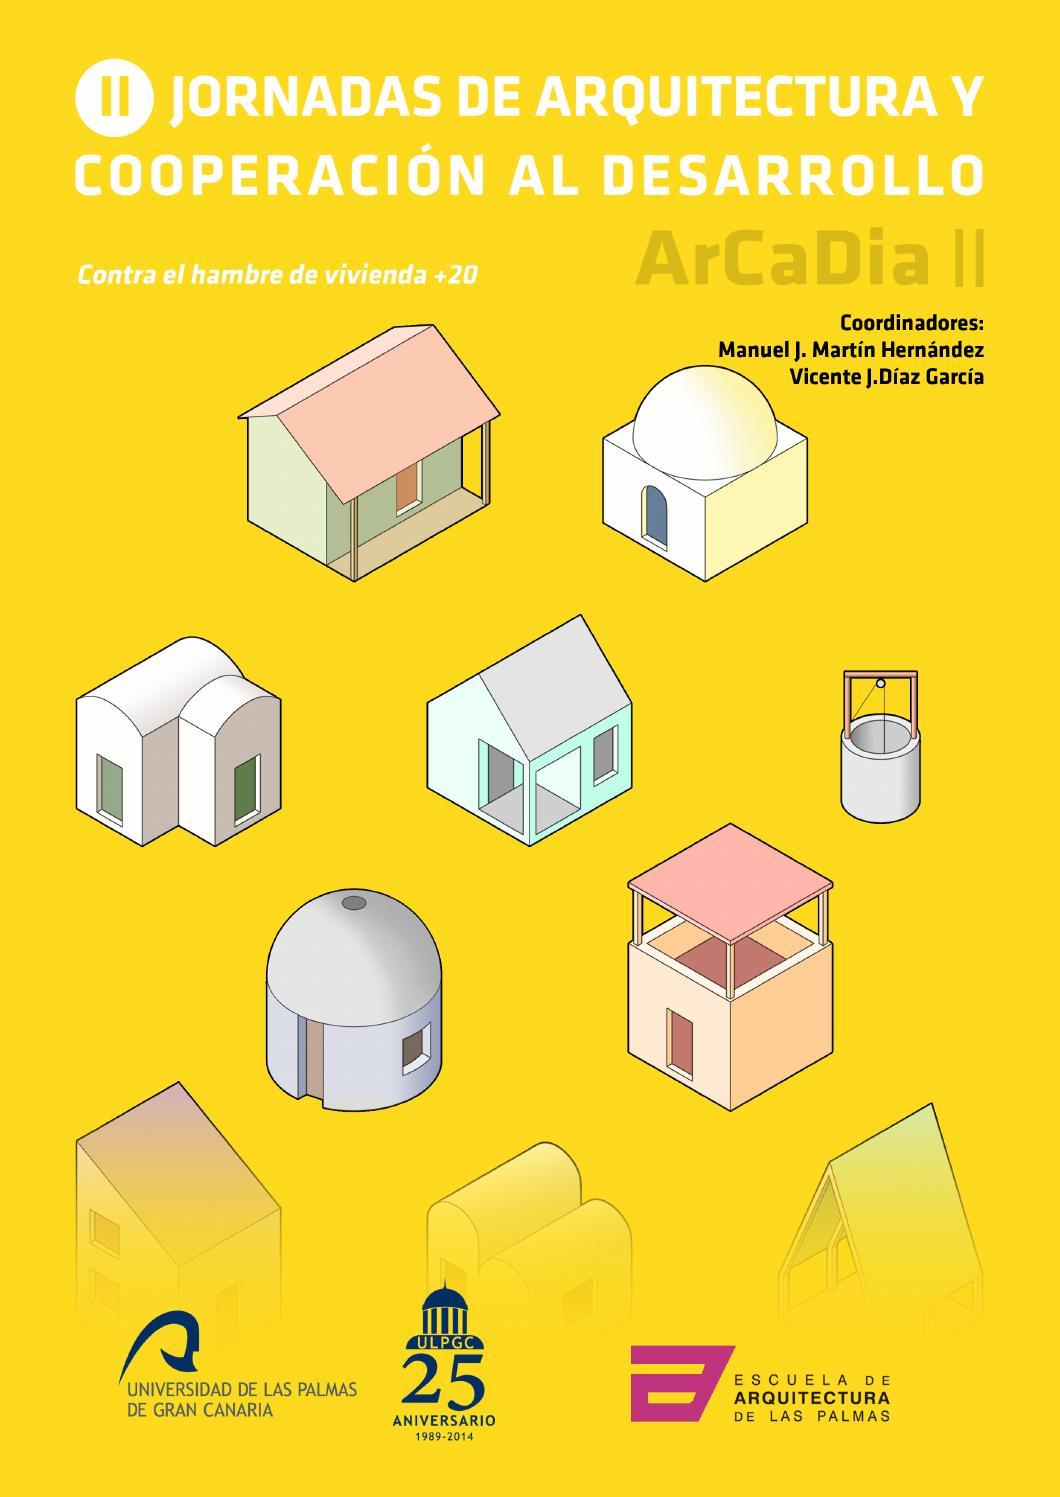 Ii jornadas de arquitectura y cooperaci n al desarrollo by Arquitectura de desarrollo